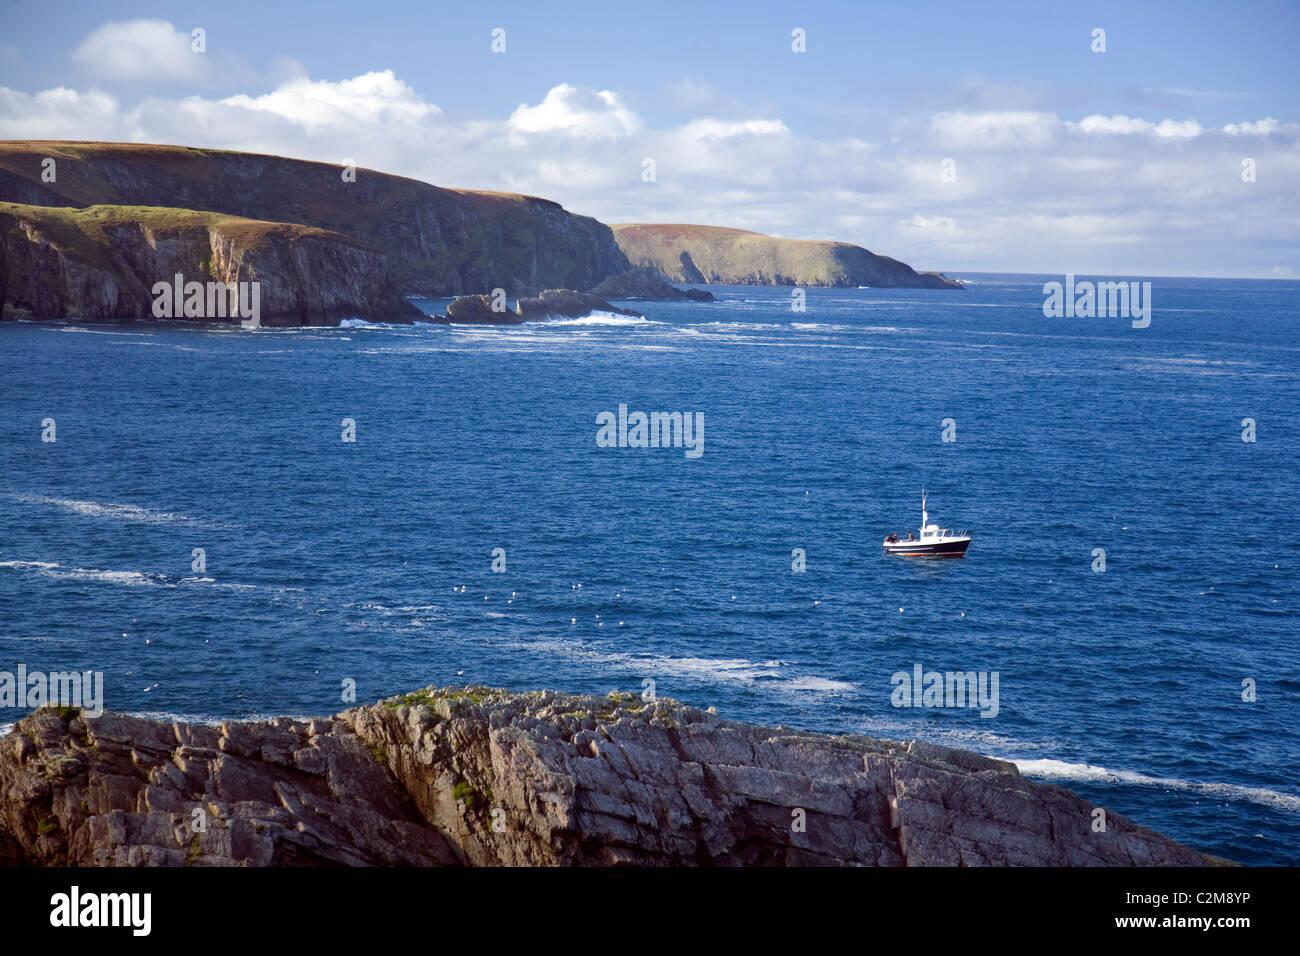 Barco de pesca de mar cerca de Erris Head, en el condado de Mayo, Irlanda. Imagen De Stock